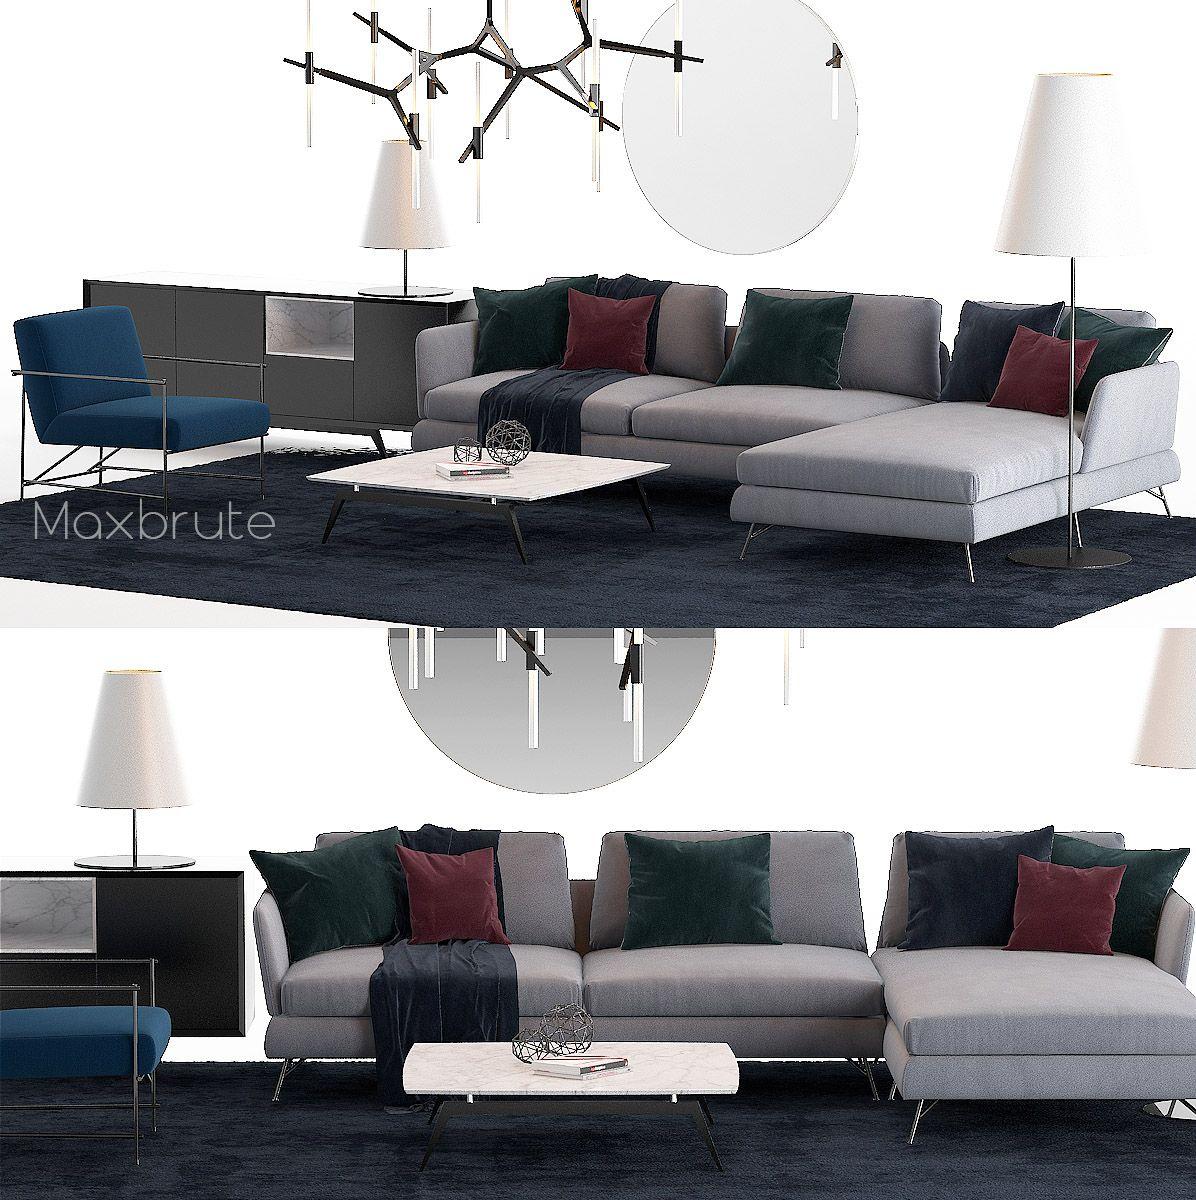 Miraculous Modern Sofa Set 3Dsmax With Featured Colors Dark Carpet Inzonedesignstudio Interior Chair Design Inzonedesignstudiocom